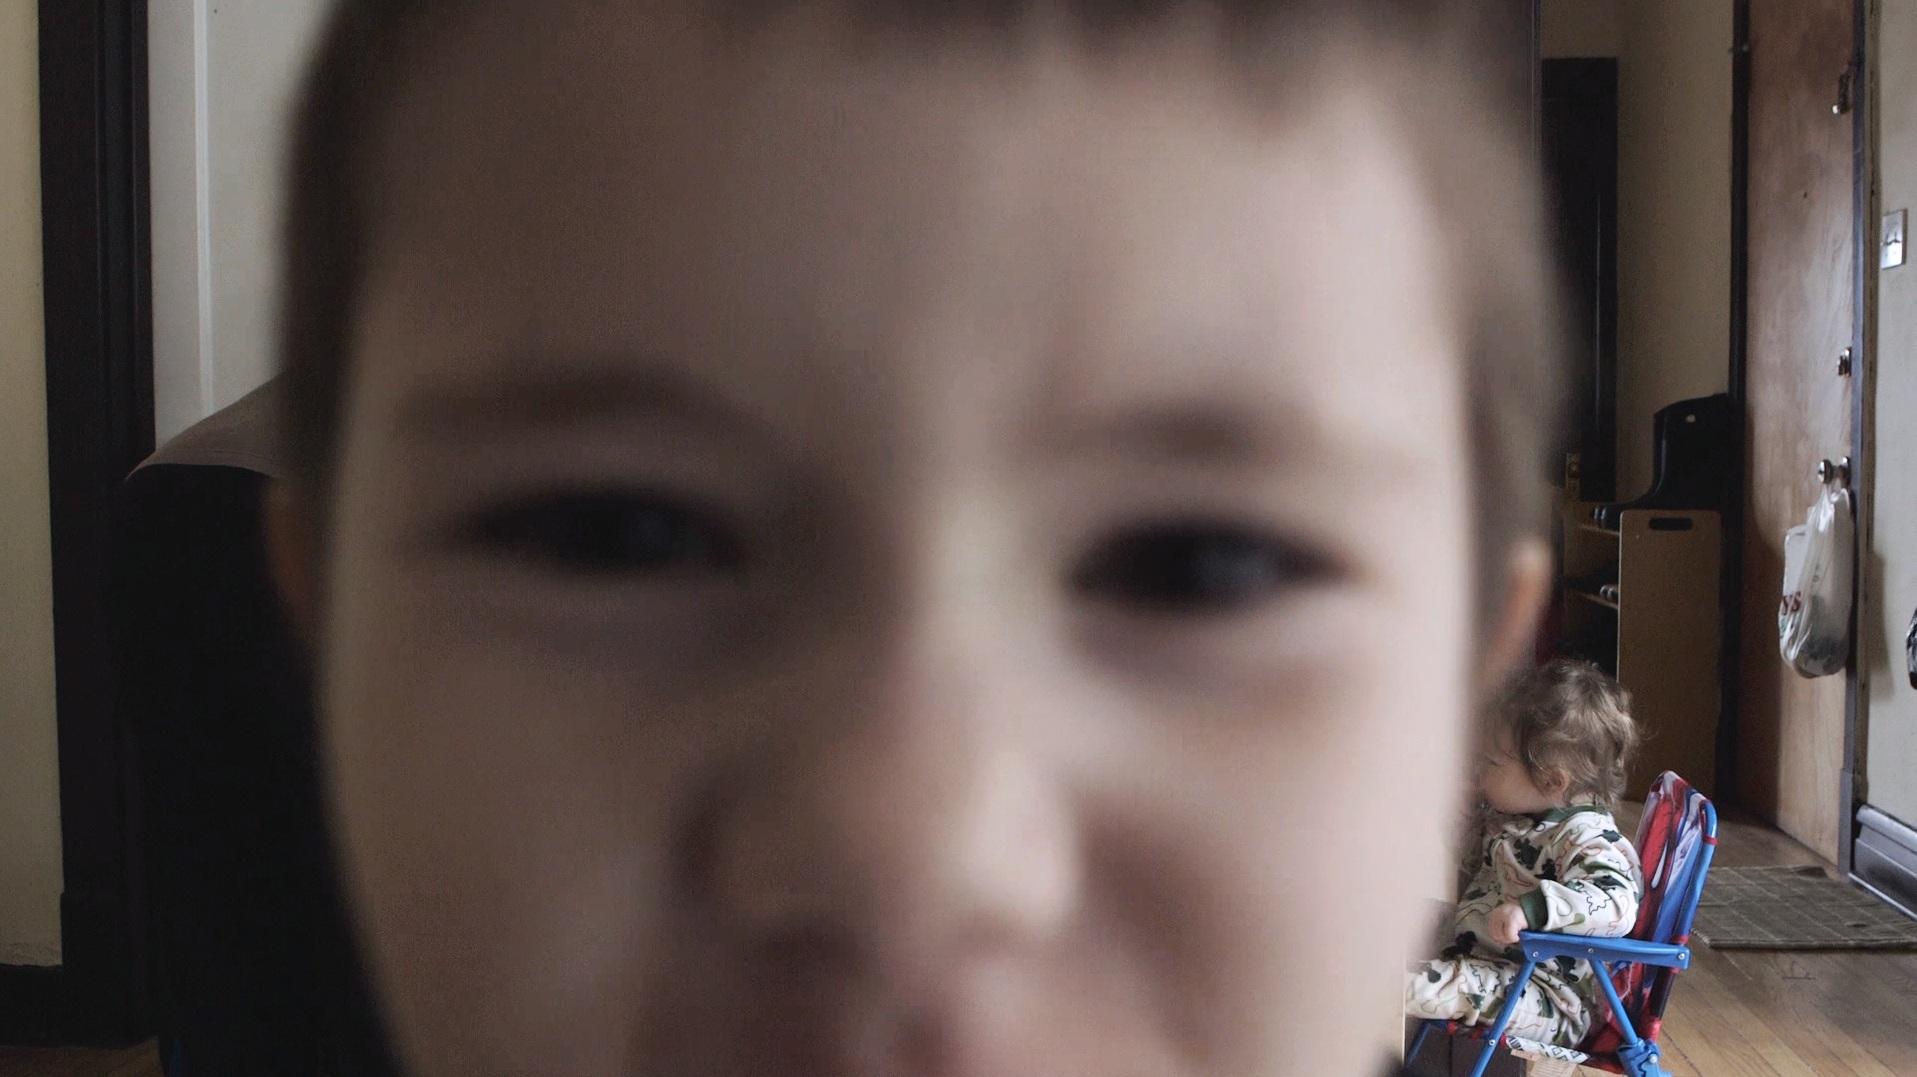 House of Cards: Rebuilding - Short Films